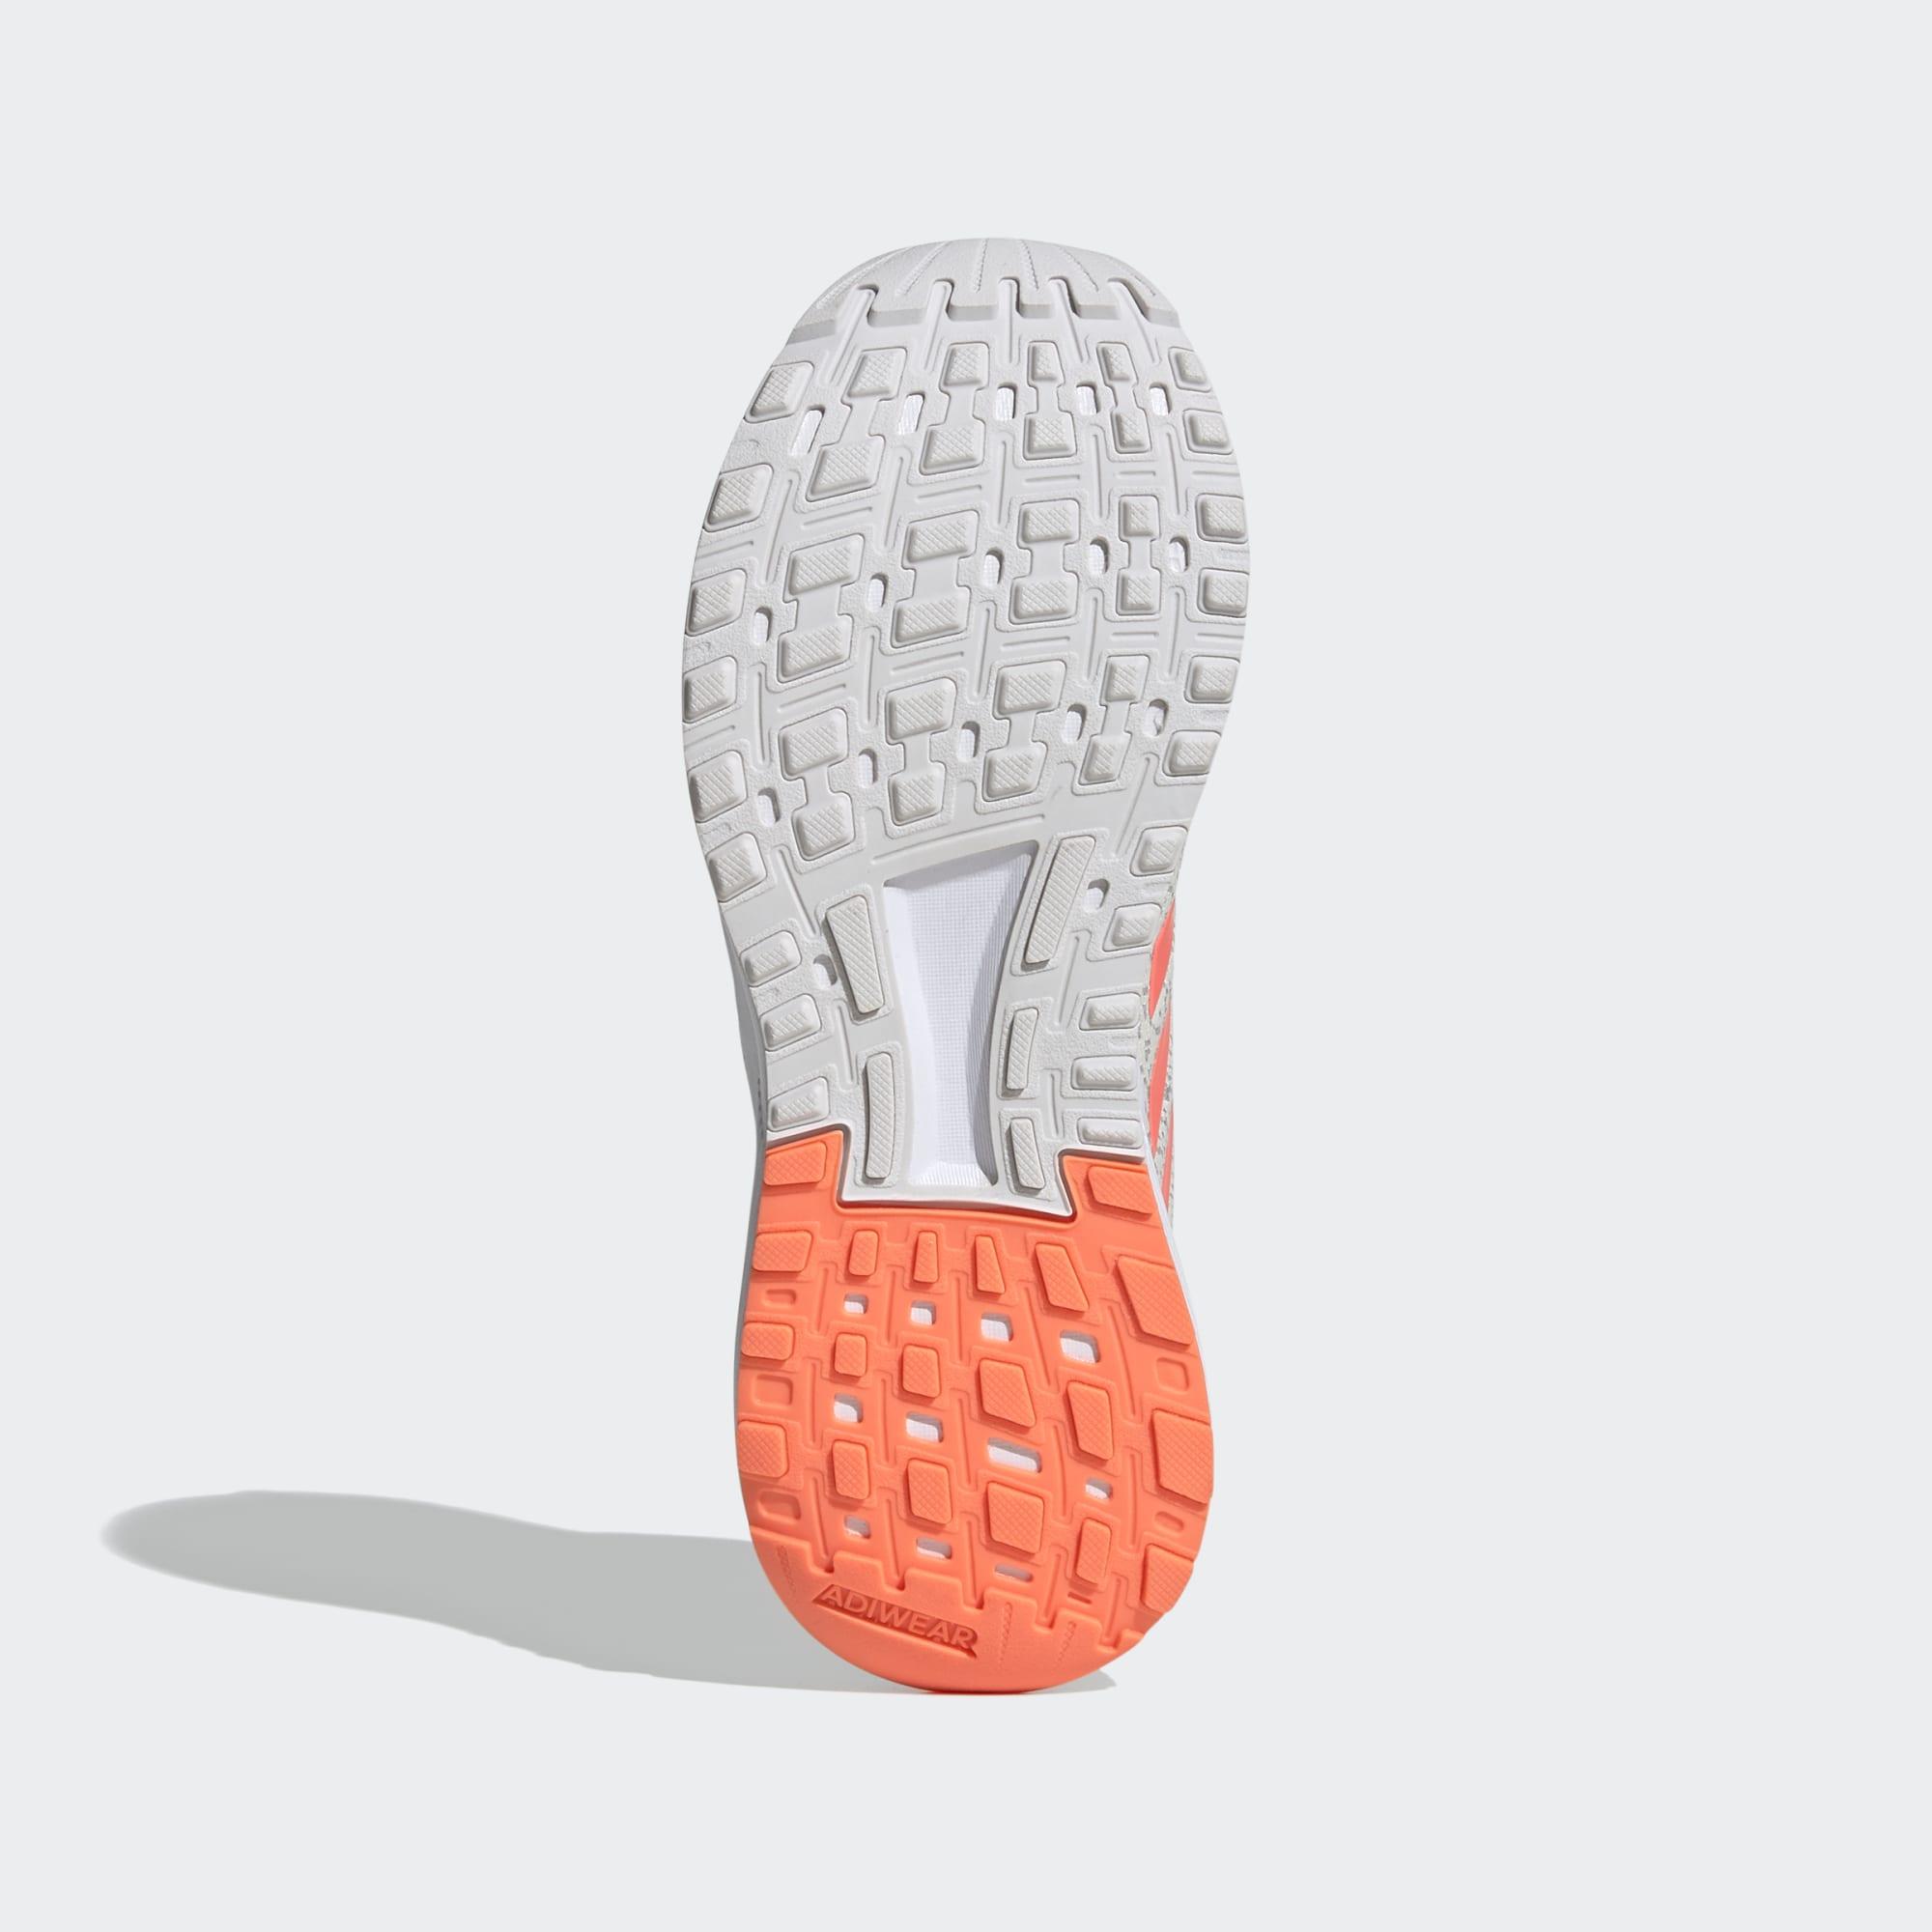 Tenis Adidas Branco/Coral Feminino Duramo 9